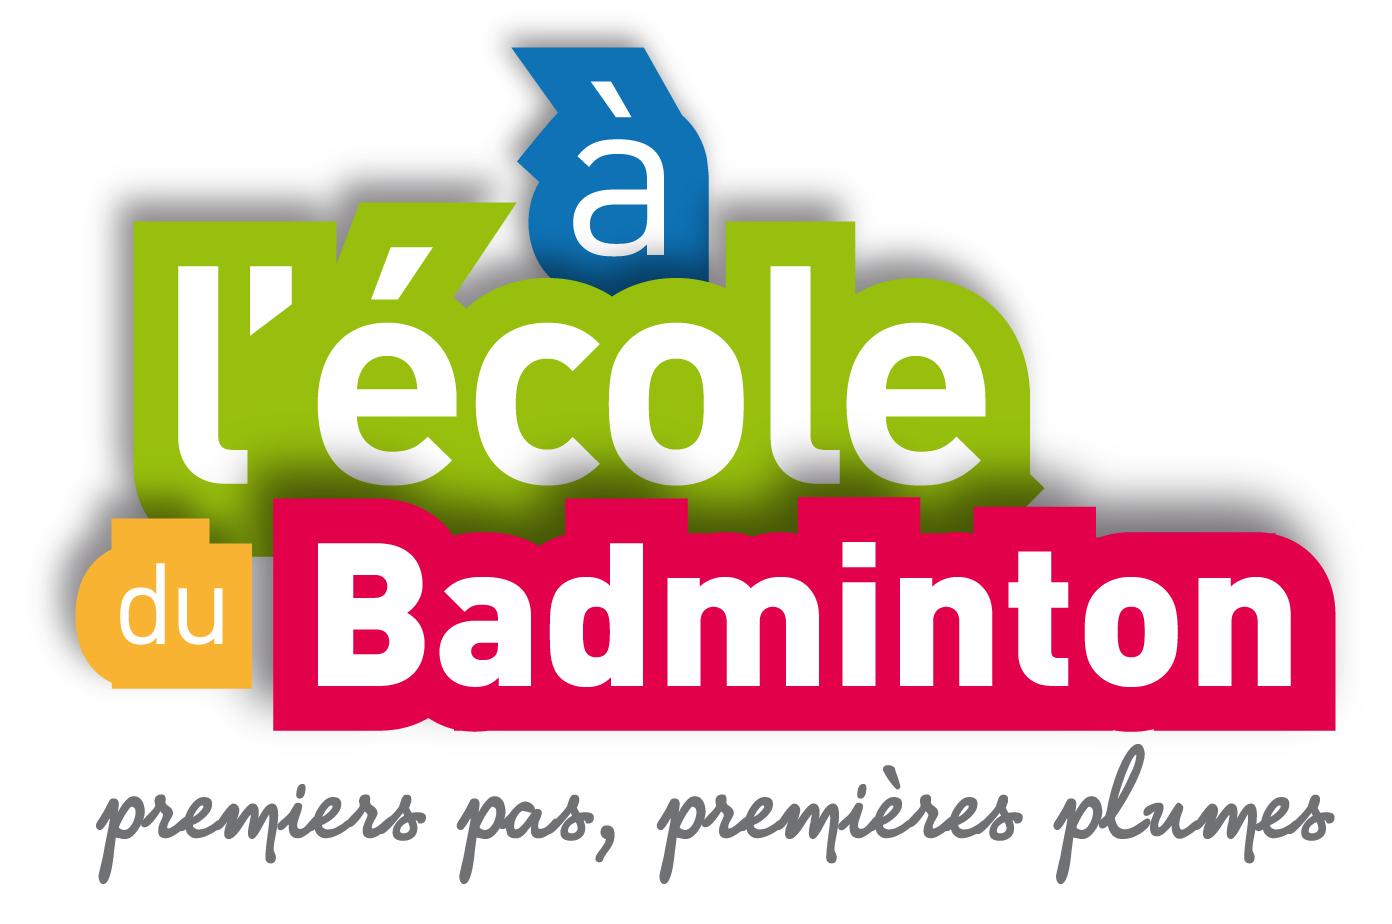 Ecole bad2